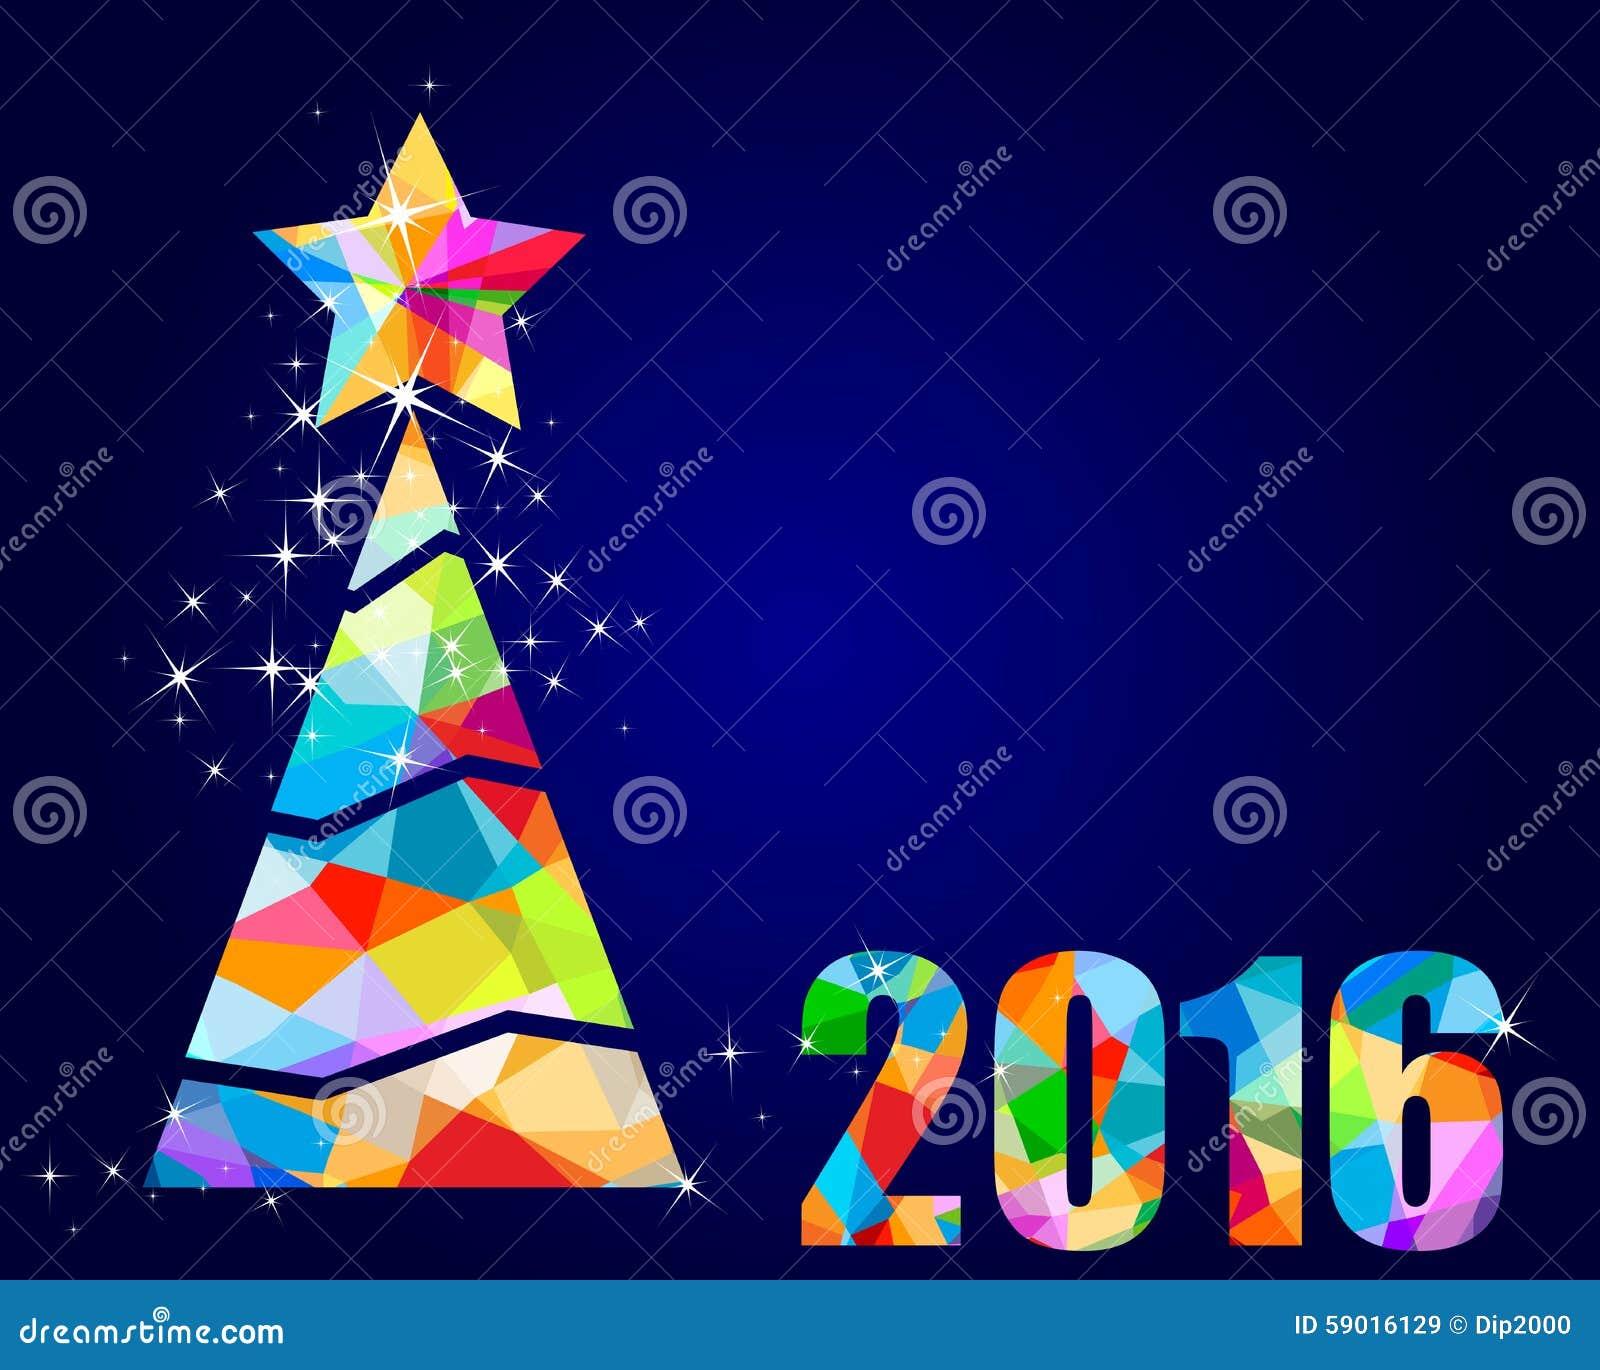 Dise o triangular 2016 del rbol de navidad stock de - Diseno de arboles de navidad ...